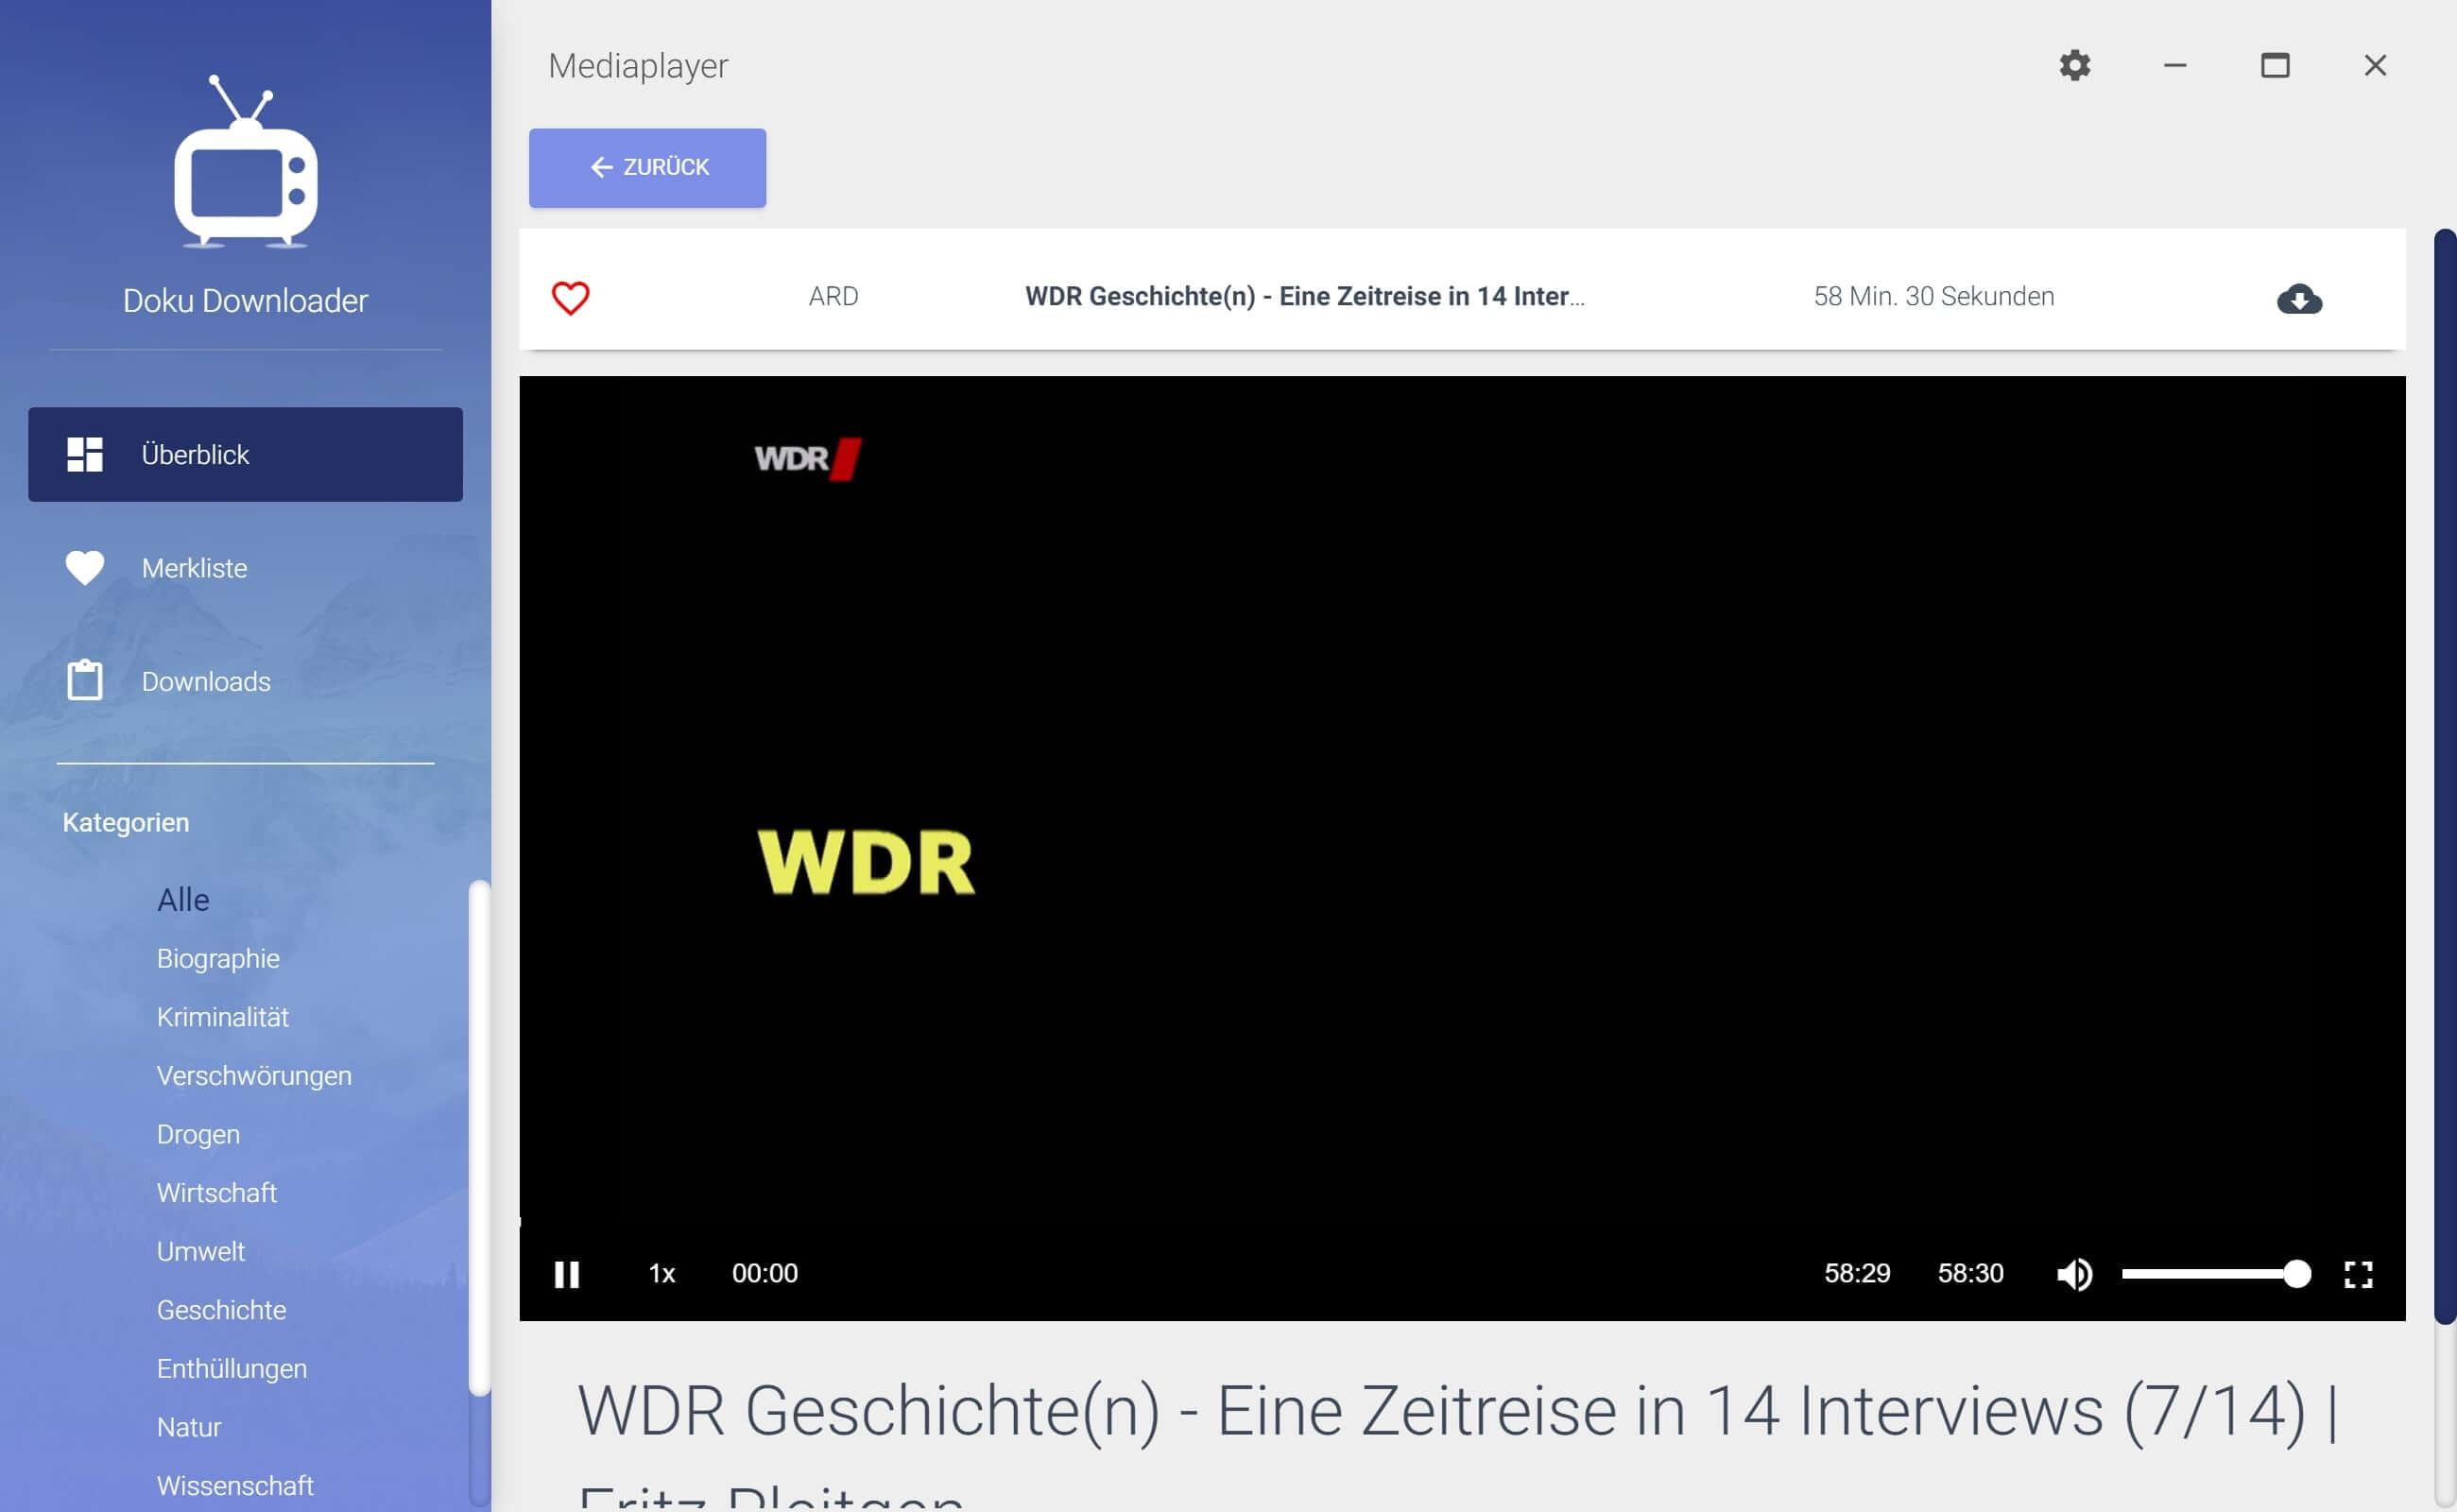 WDR Dokumentation aus Mediathek herunterladen - Detailansicht